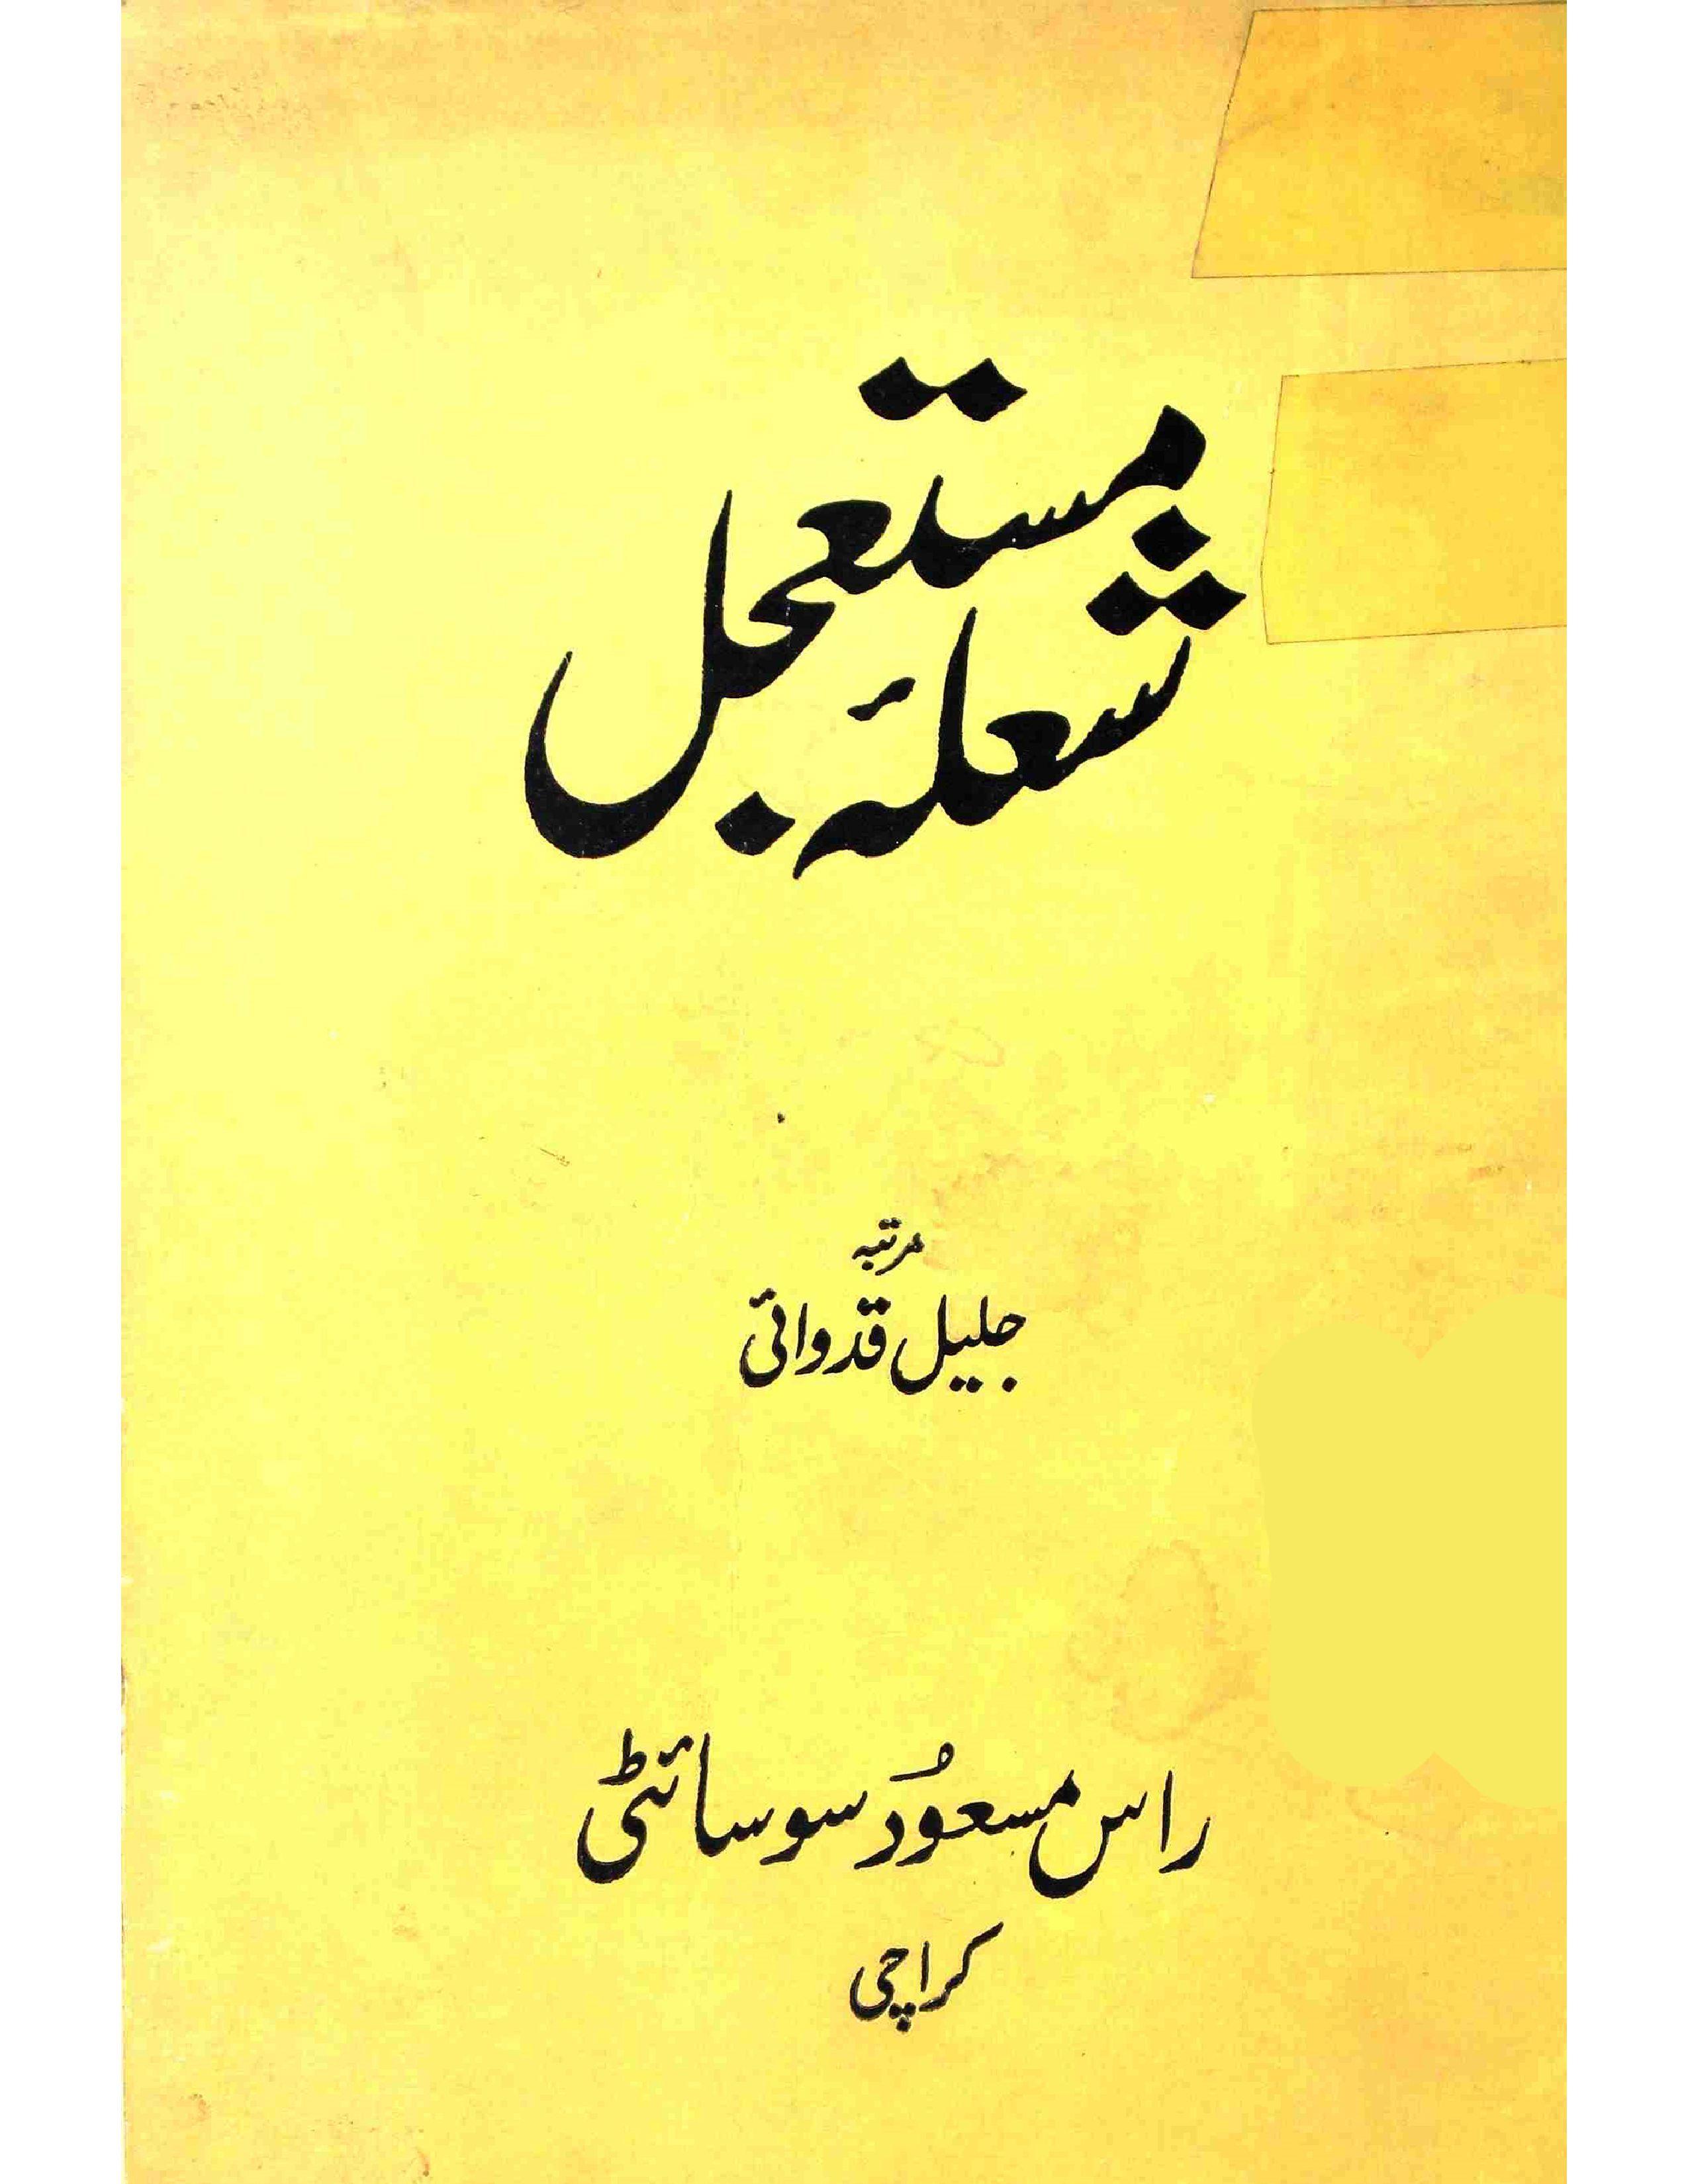 Shola-e-Mustajil